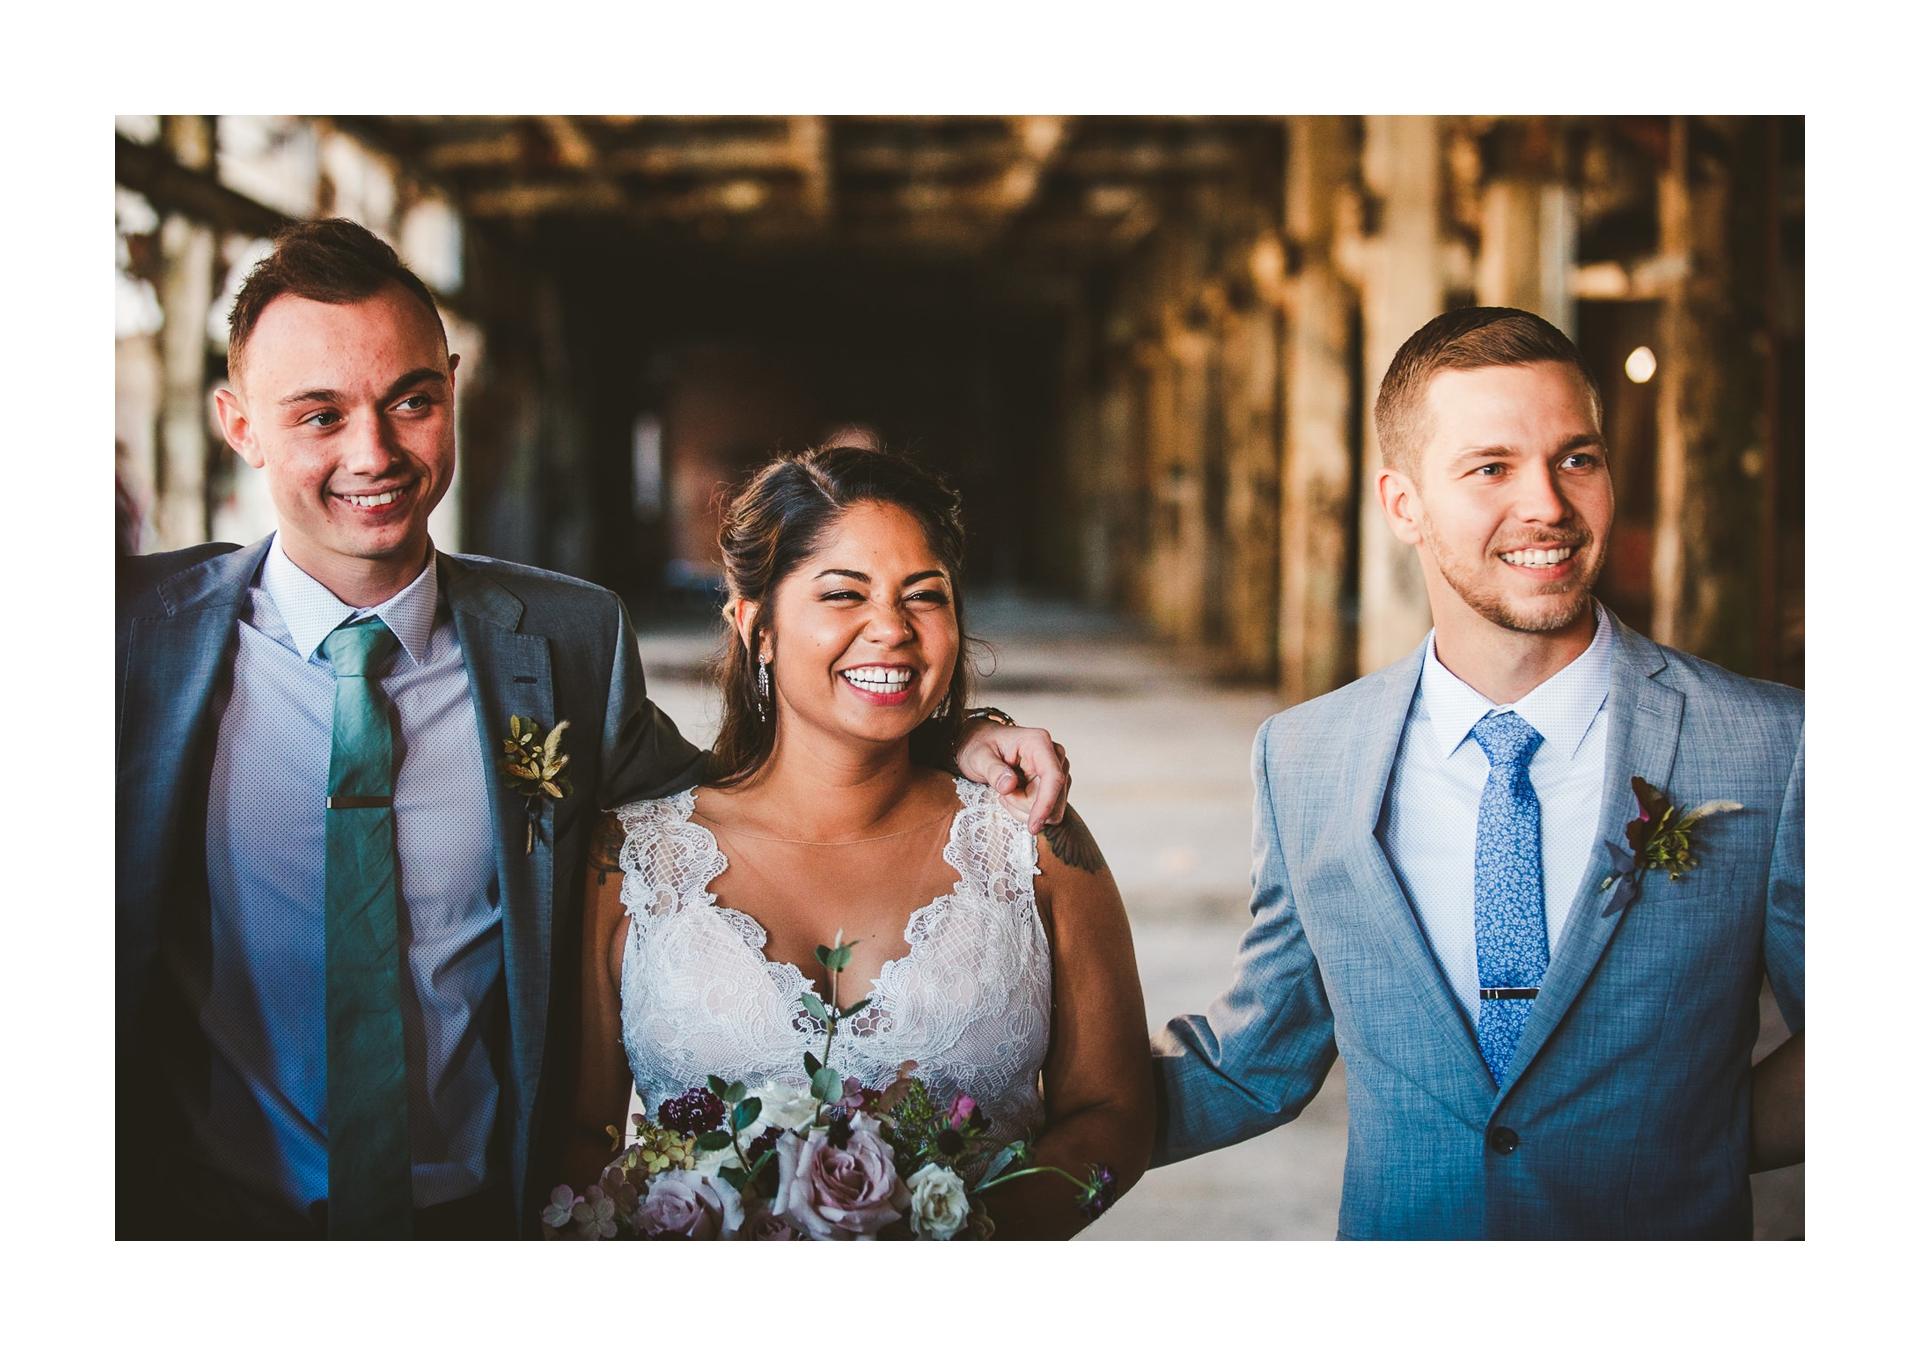 Lake Erie Building Wedding in Lakewood 28.jpg